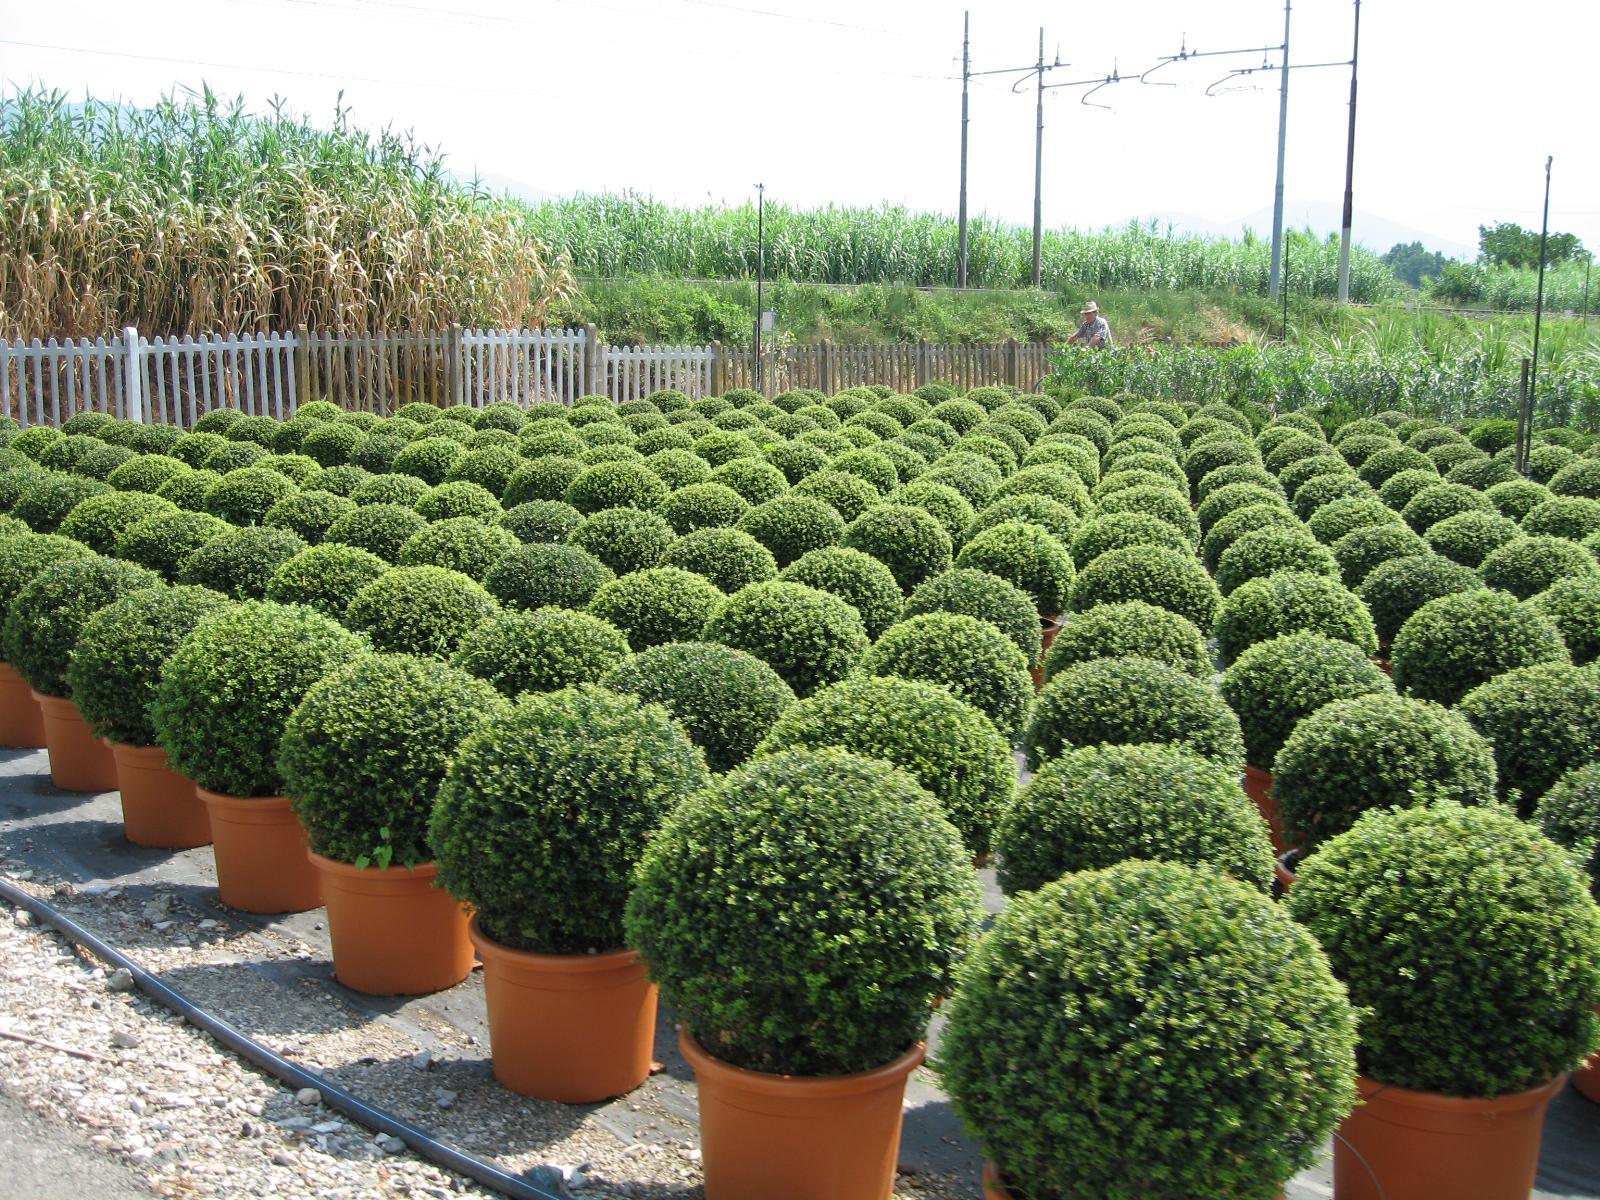 Vybrate do mojej buducej bielo zelenej zahrady - buxus